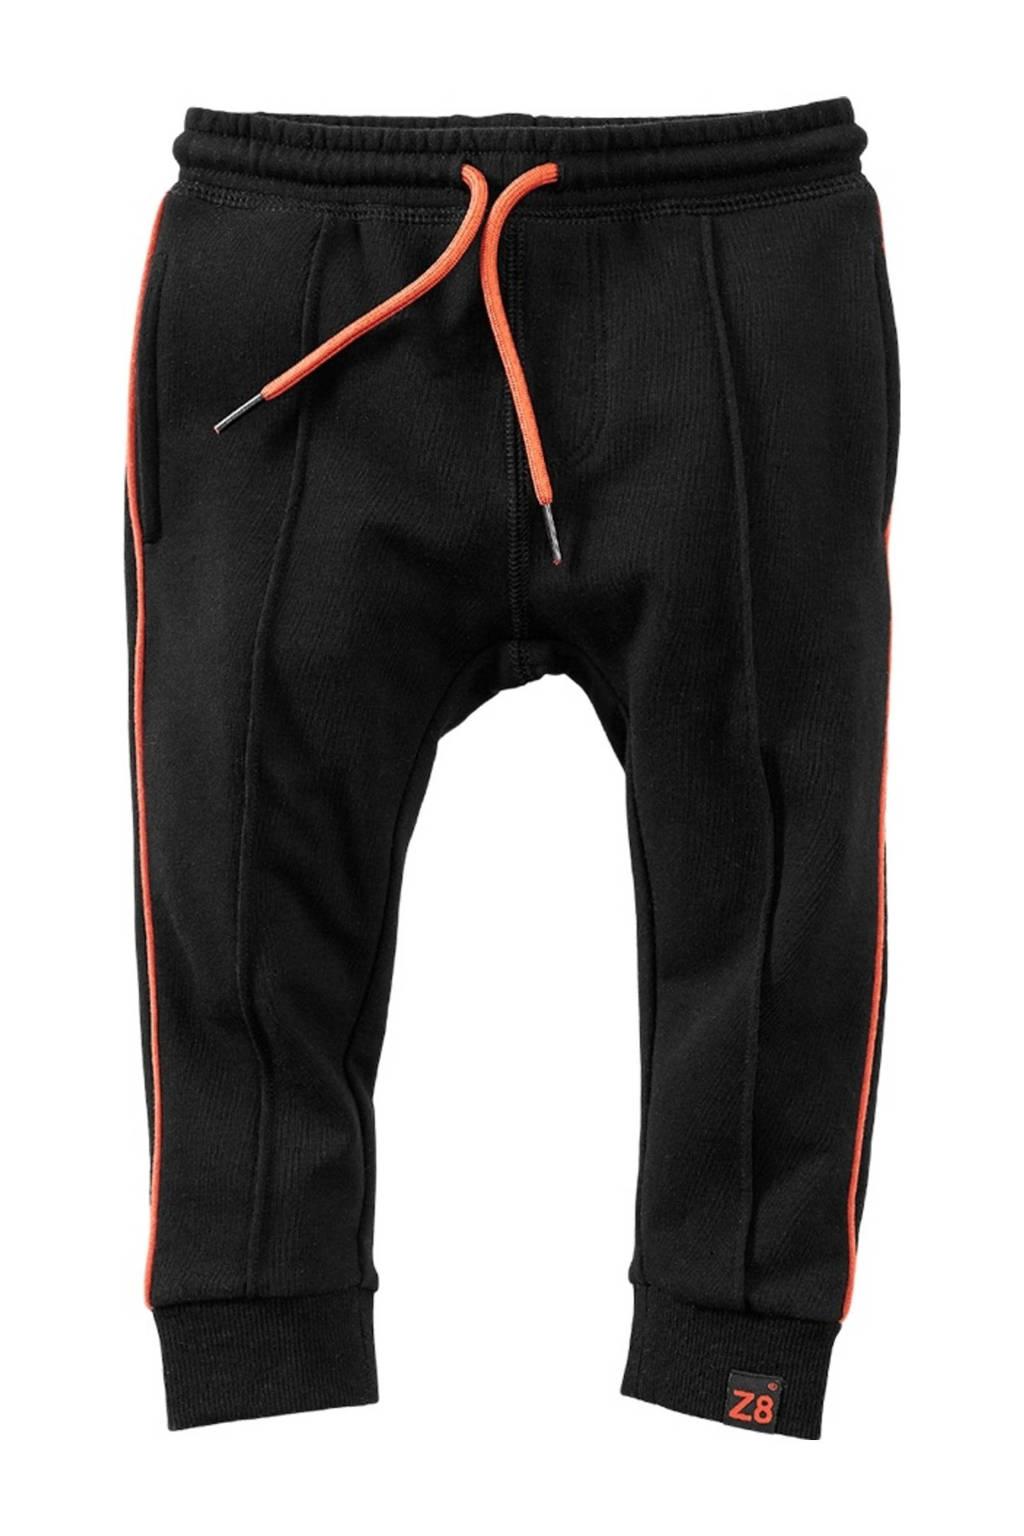 Z8 joggingbroek Duko met zijstreep zwart/oranje, Zwart/oranje